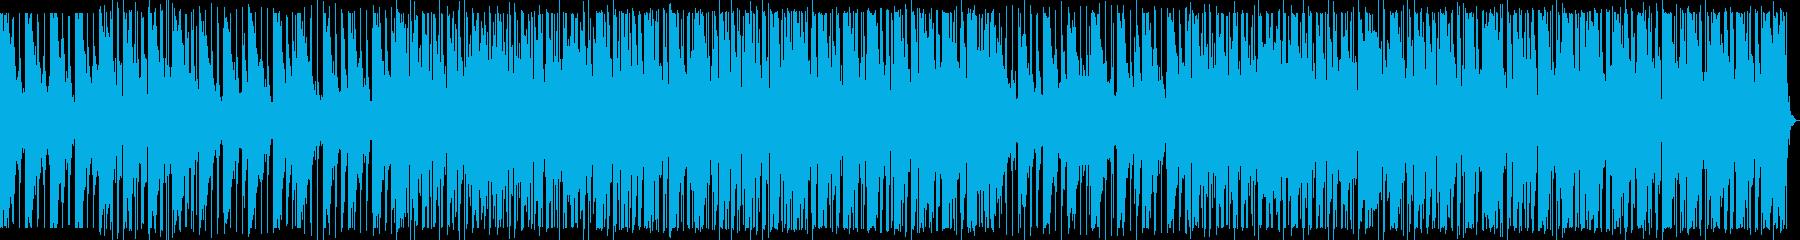 とろけそうなハウス_No641_1の再生済みの波形